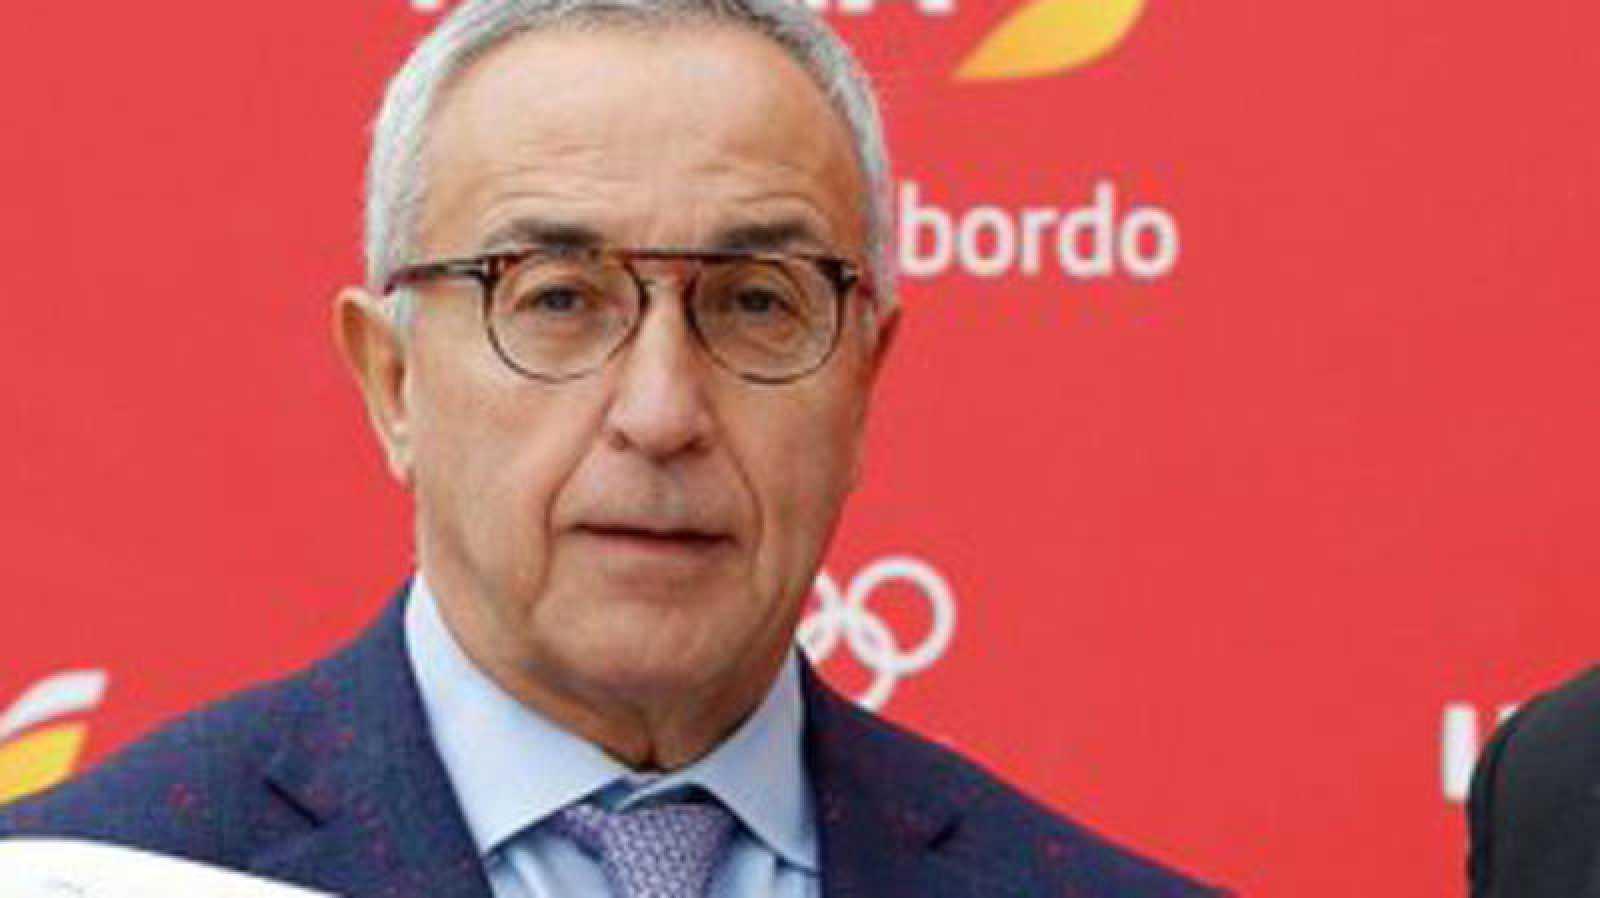 El presidente del Comité Olímpico Español, Alejandro Blanco durante un acto público.